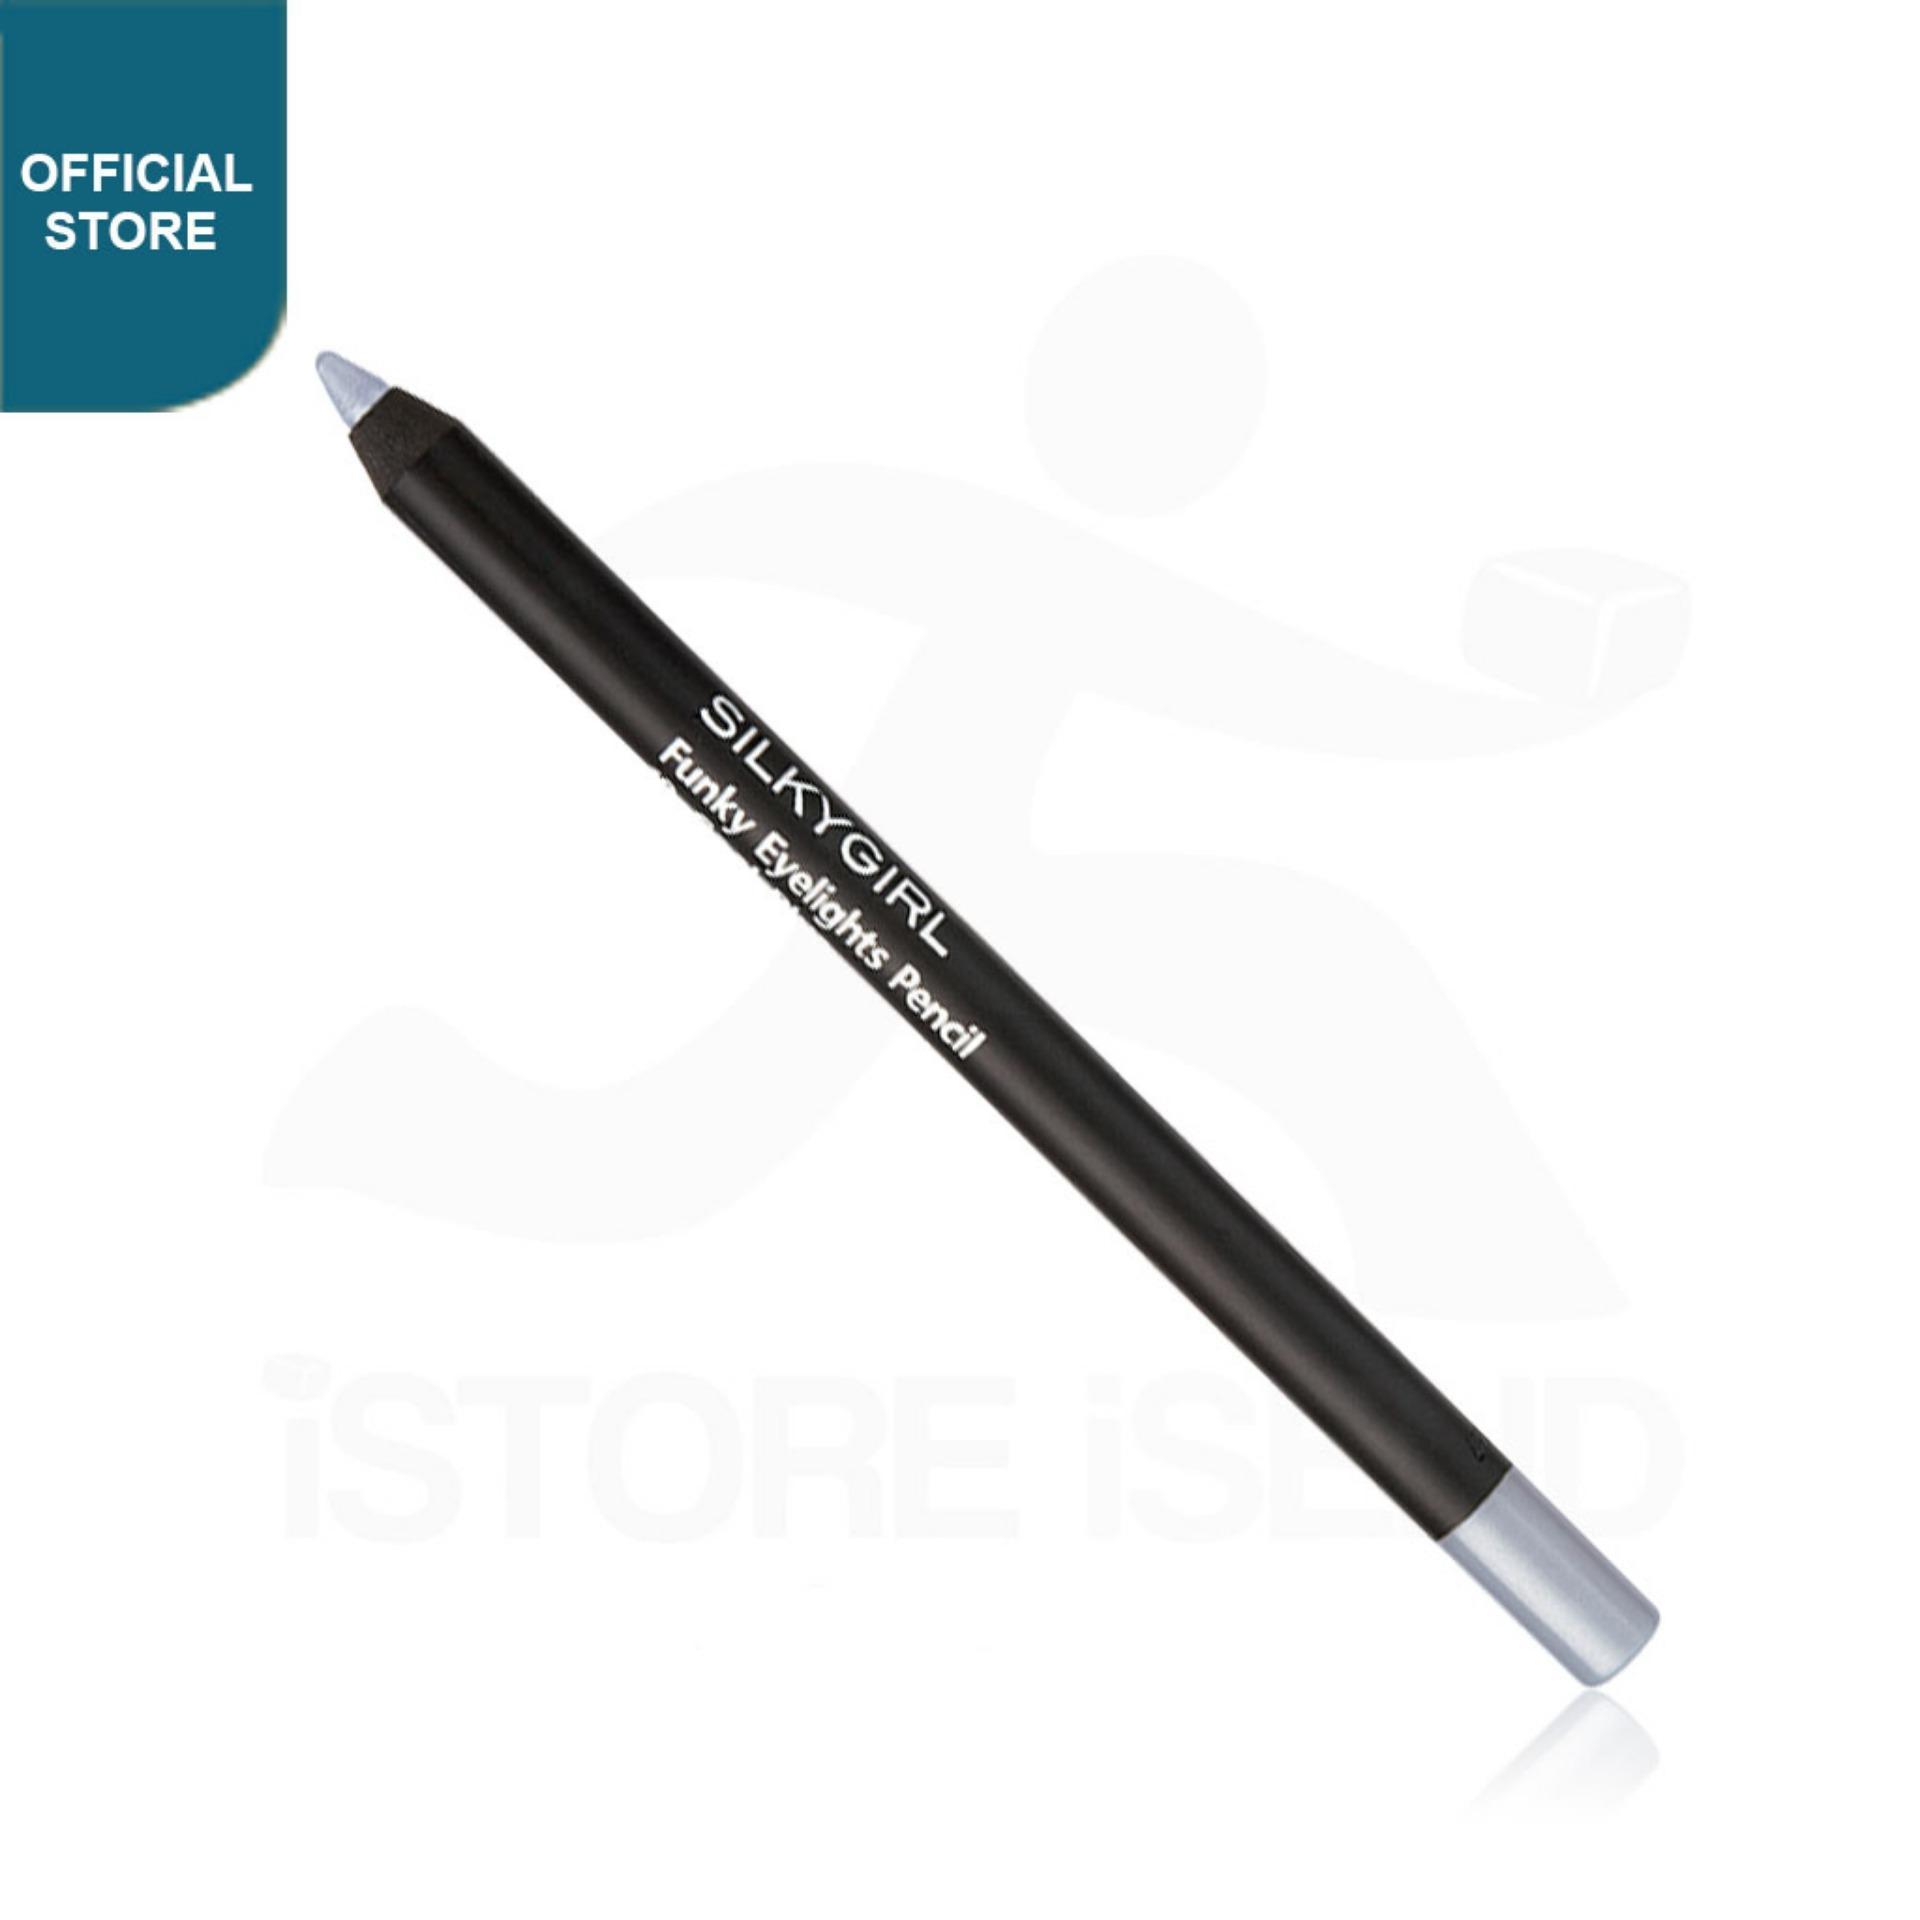 Kelebihan Silkygirl Eyeliner Pencil Frosty Silver Terkini Daftar Gamis Raindoz Bbr251 Funky Eyelight 08 Ge0204